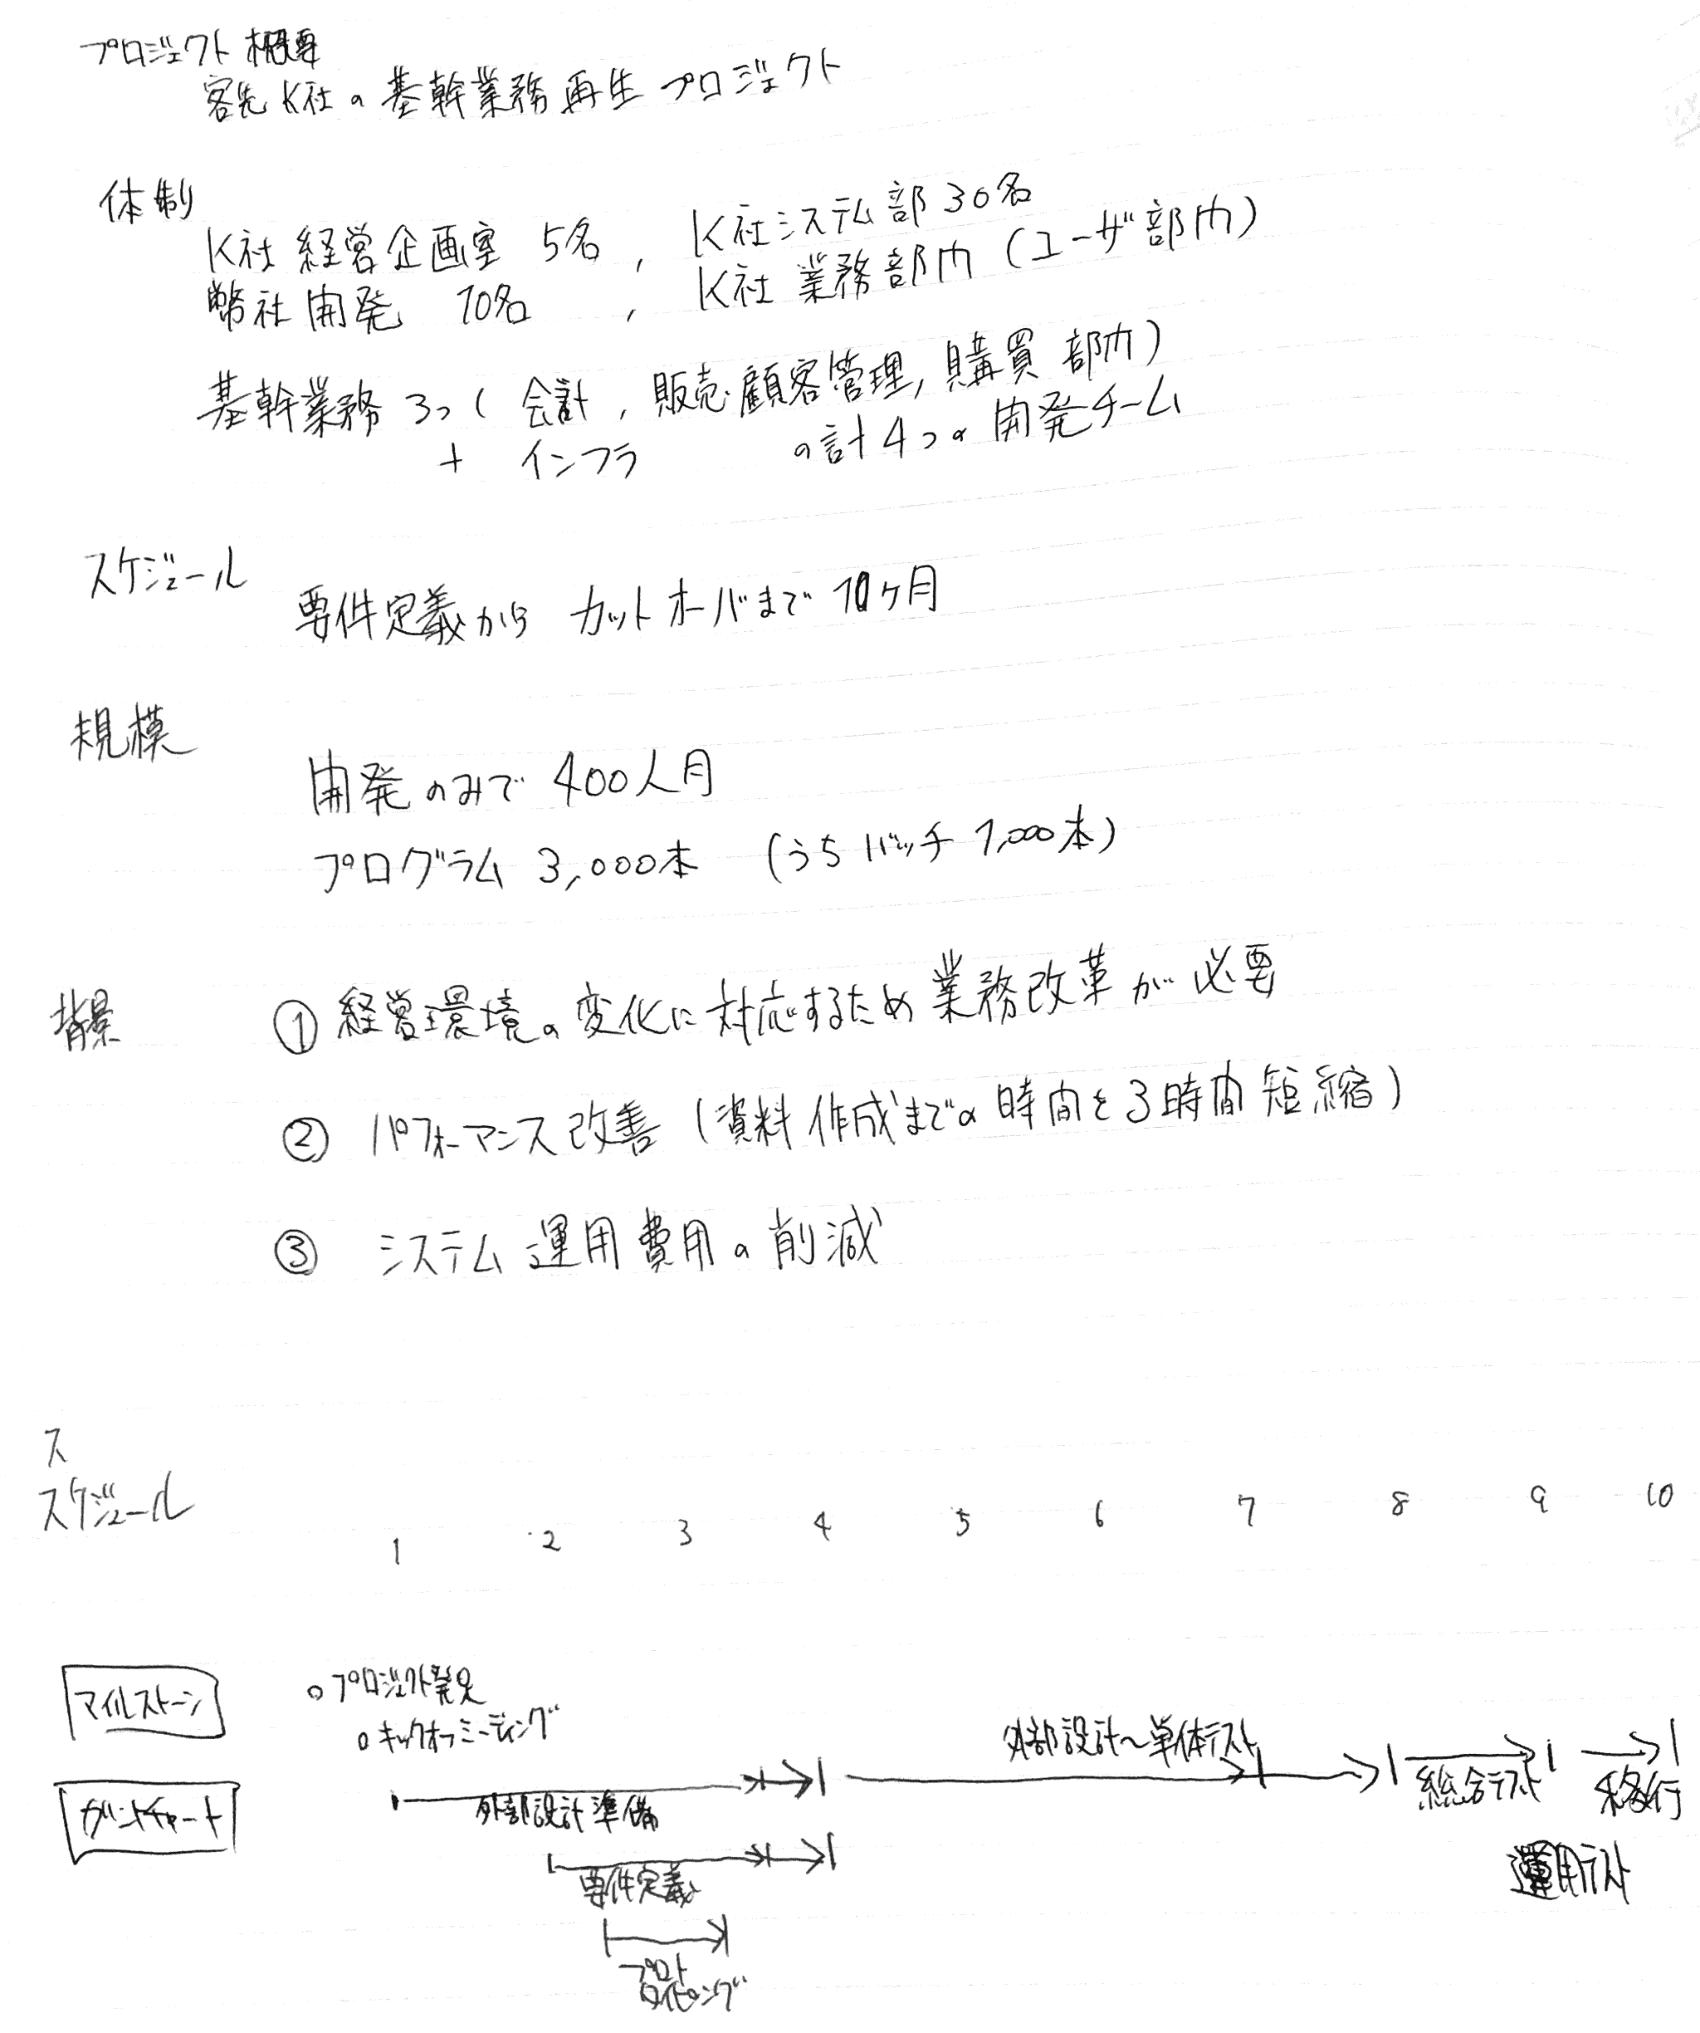 プロジェクトマネージャ試験_小論文-1.png